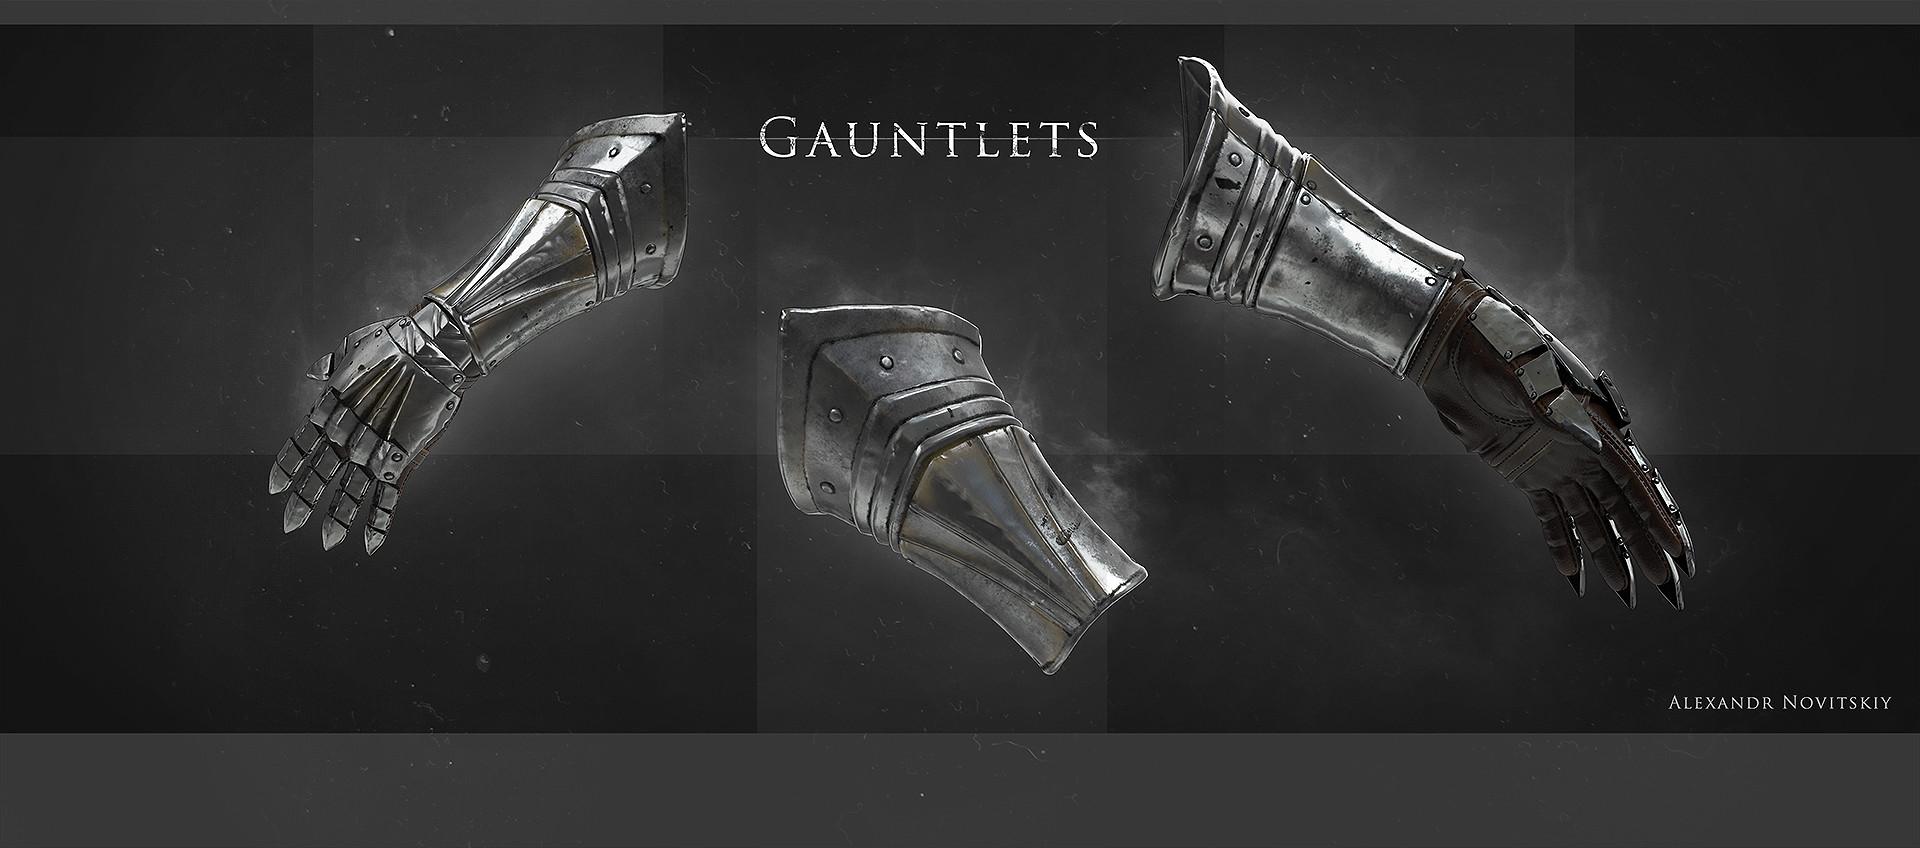 Alexandr novitskiy dark knight gauntlets